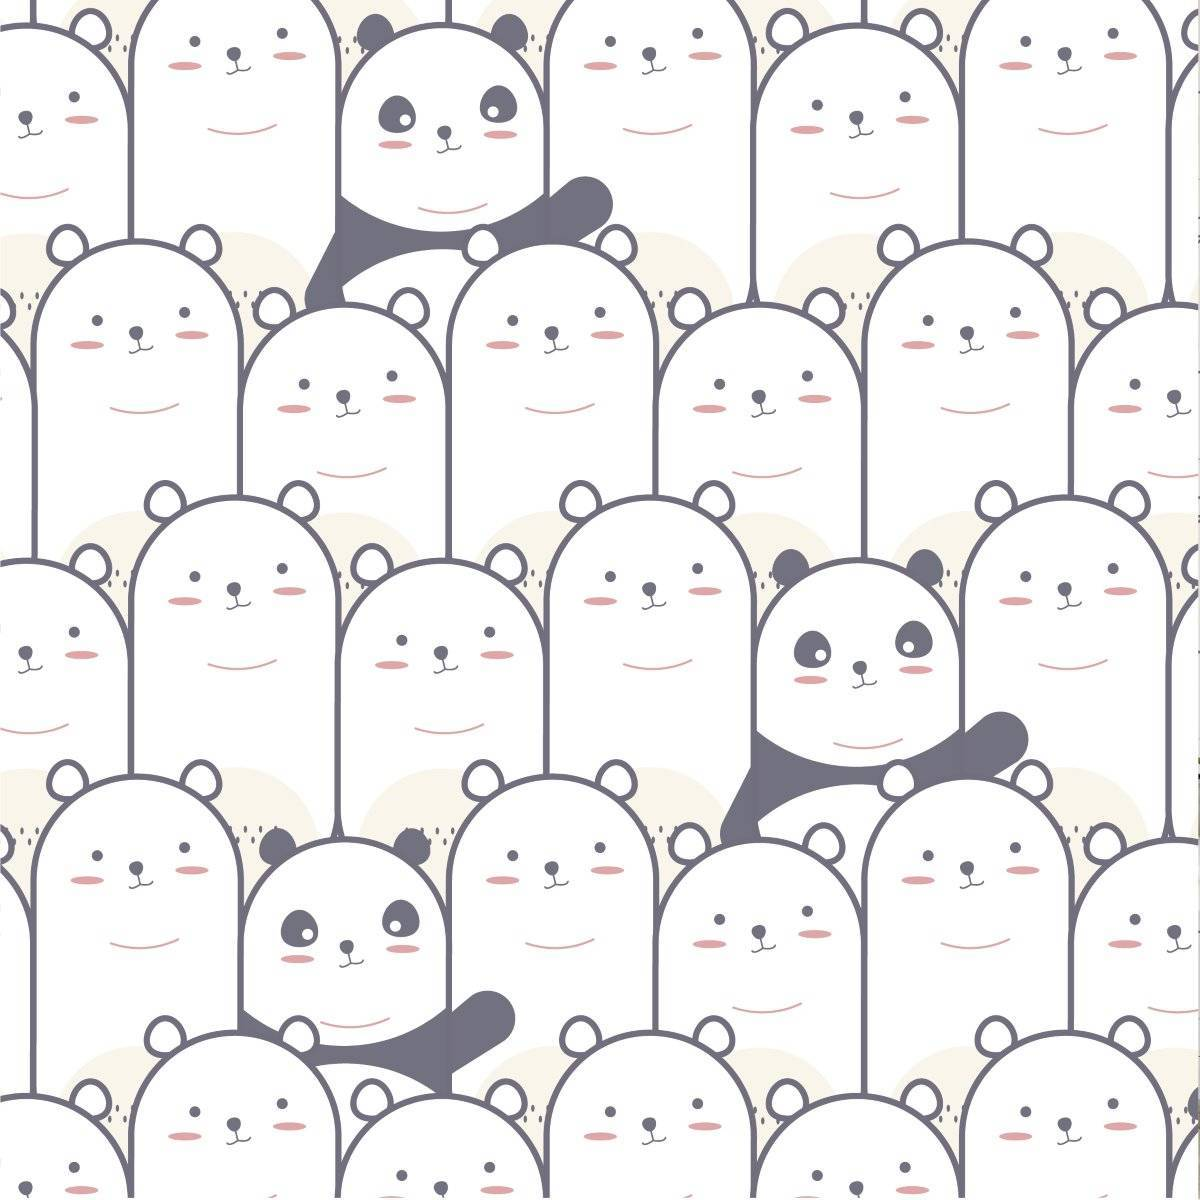 Papel de Parede Adesivo Pandas  - Redecorei